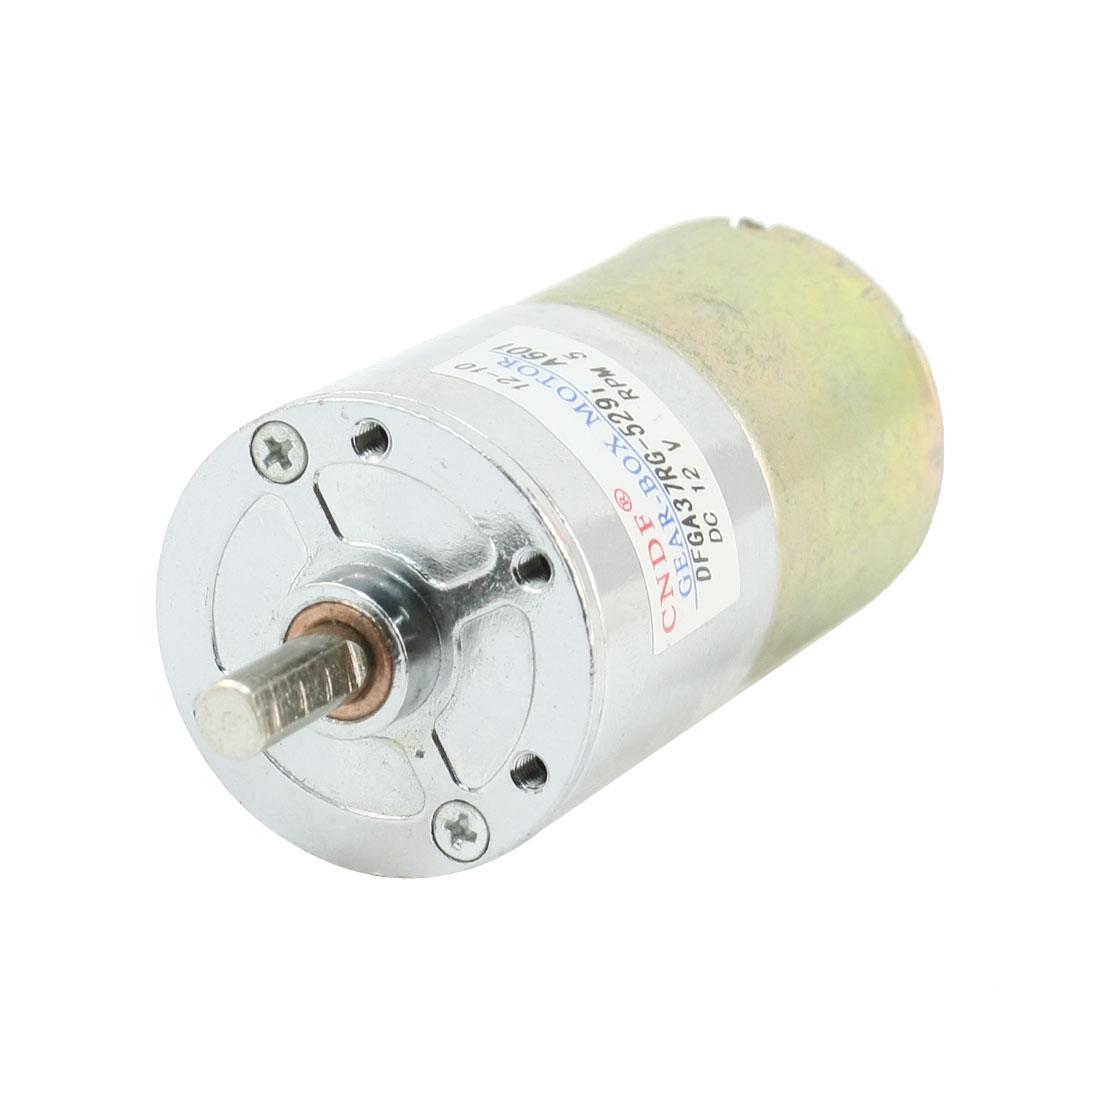 DFGA37RG-529i Cylinder Shape DC 12V Speed 5 RPM Geared Motor